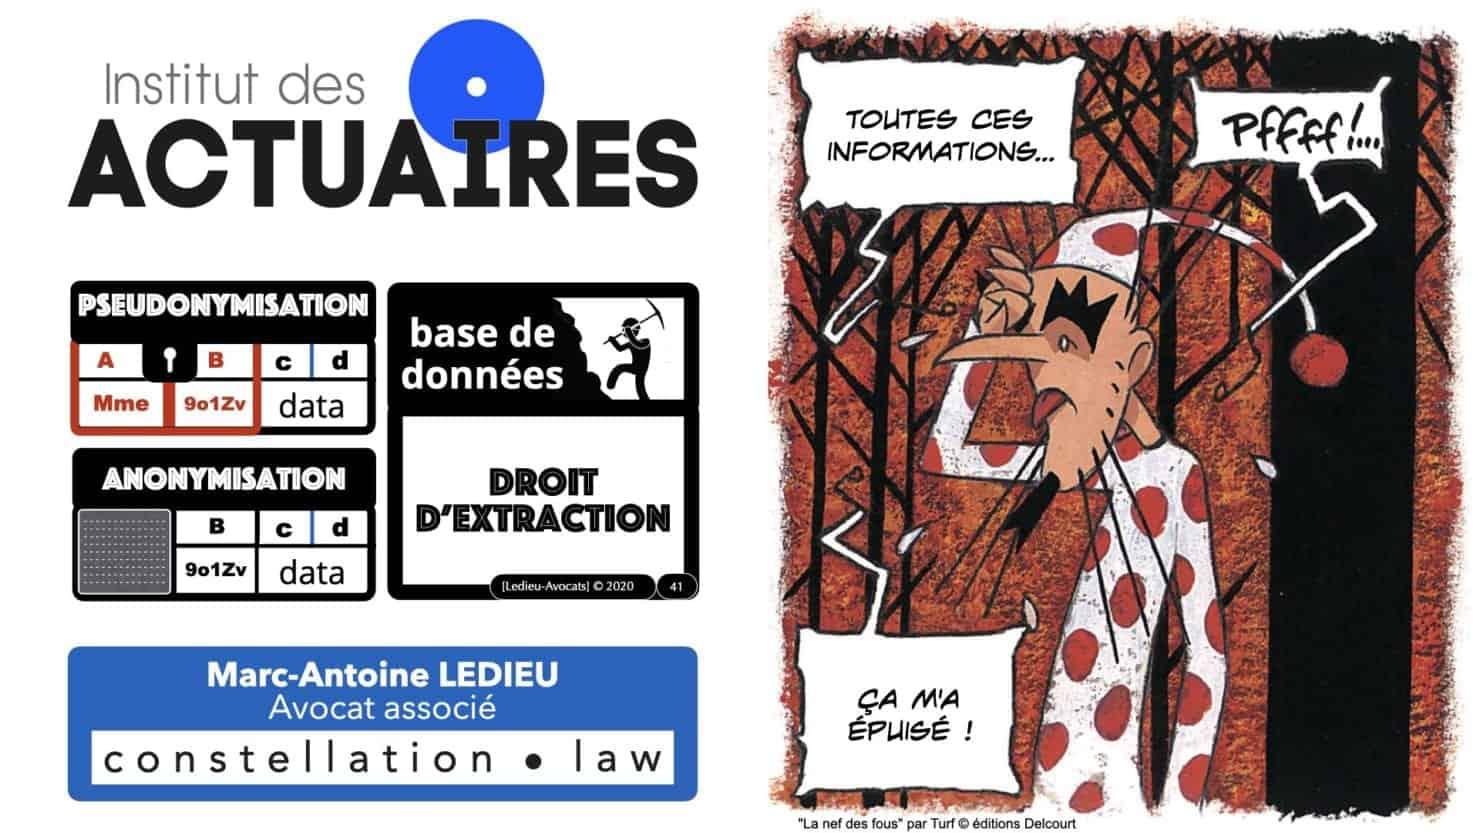 309 pseudonymisation et anonymisation des bases de données pour ACTUAIRE *16:9* © Ledieu-avocat 01-11-2020.041